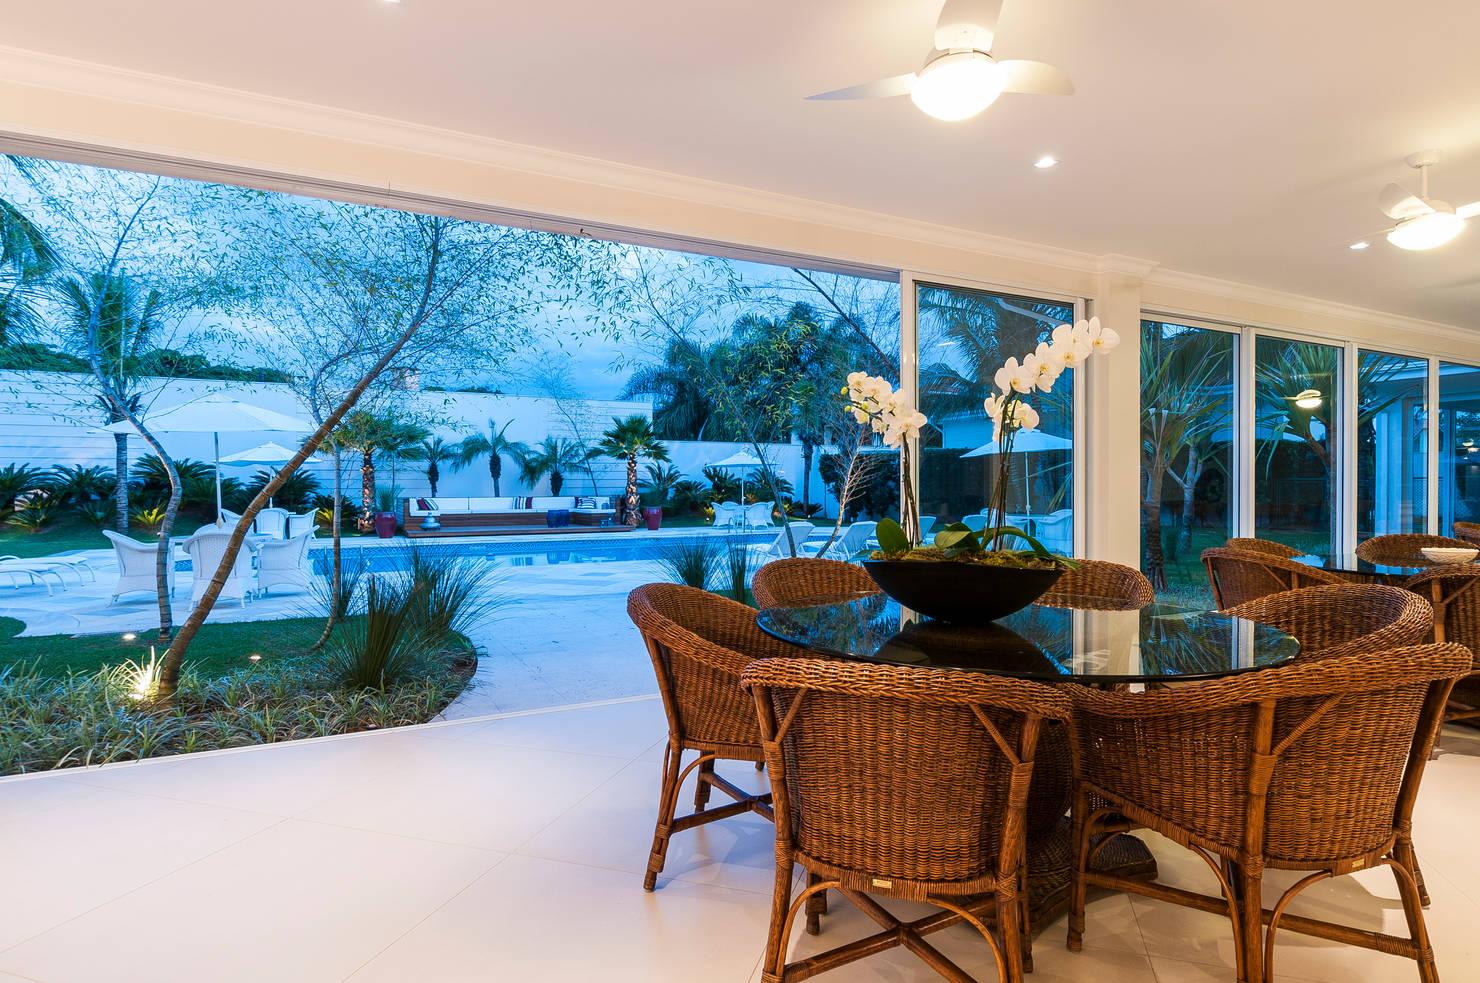 Elegante e com paisagismo espetacular: esta casa é encantadora!